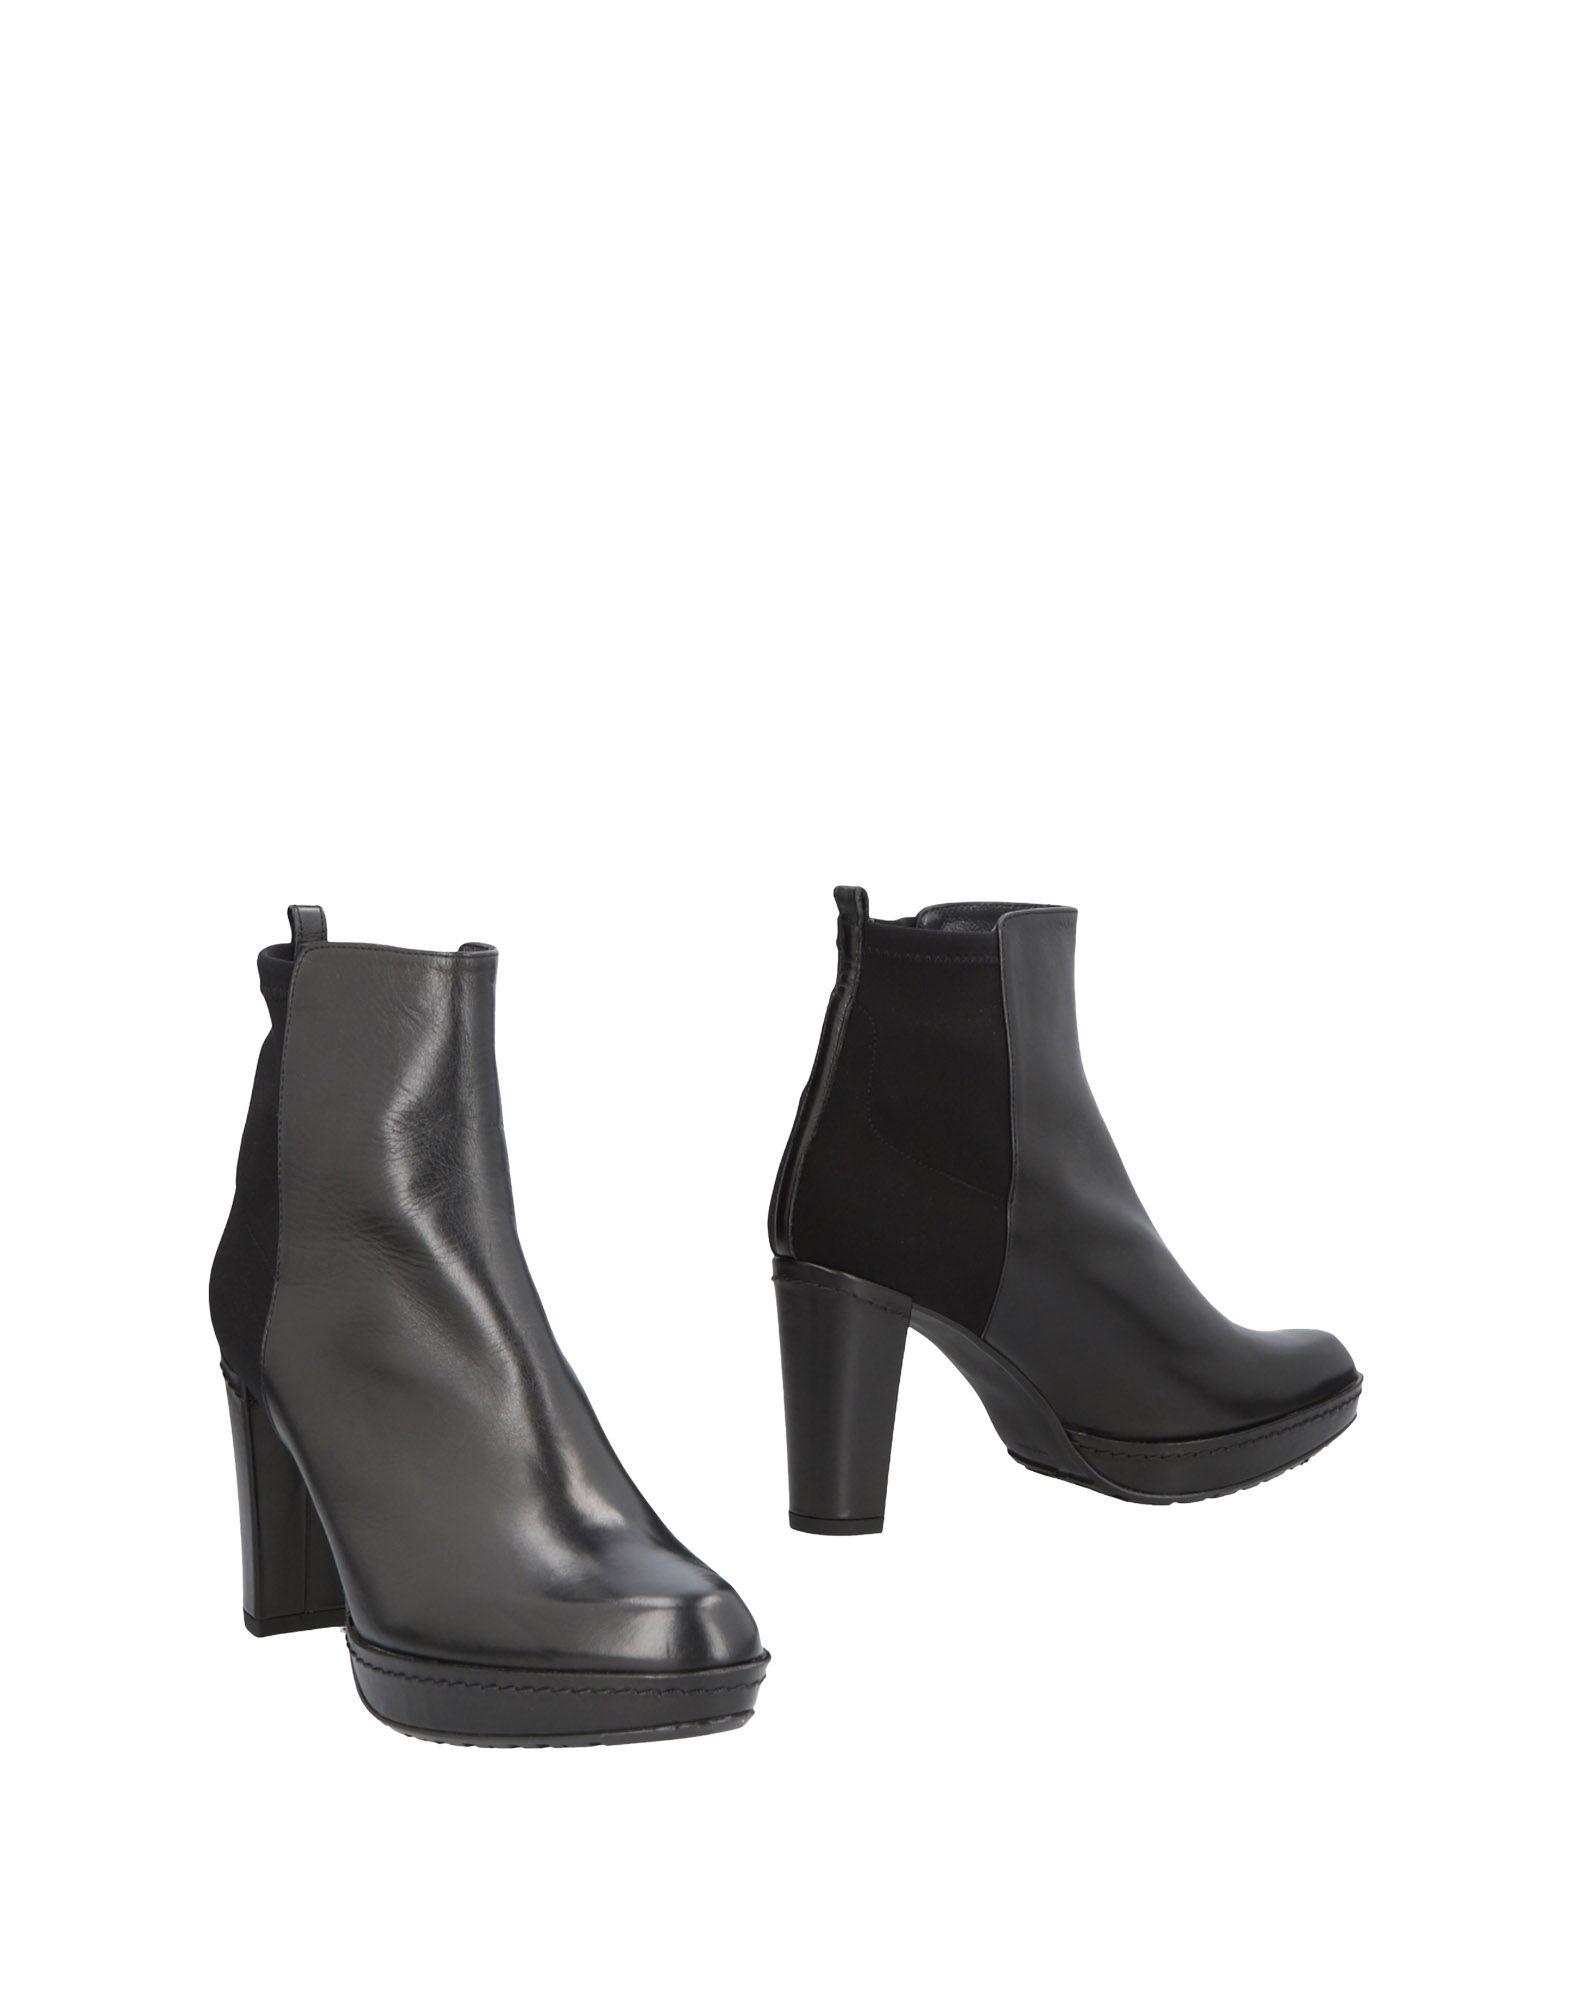 Stuart Weitzman Stiefelette Damen  Schuhe 11471839RBGünstige gut aussehende Schuhe  fdcefe